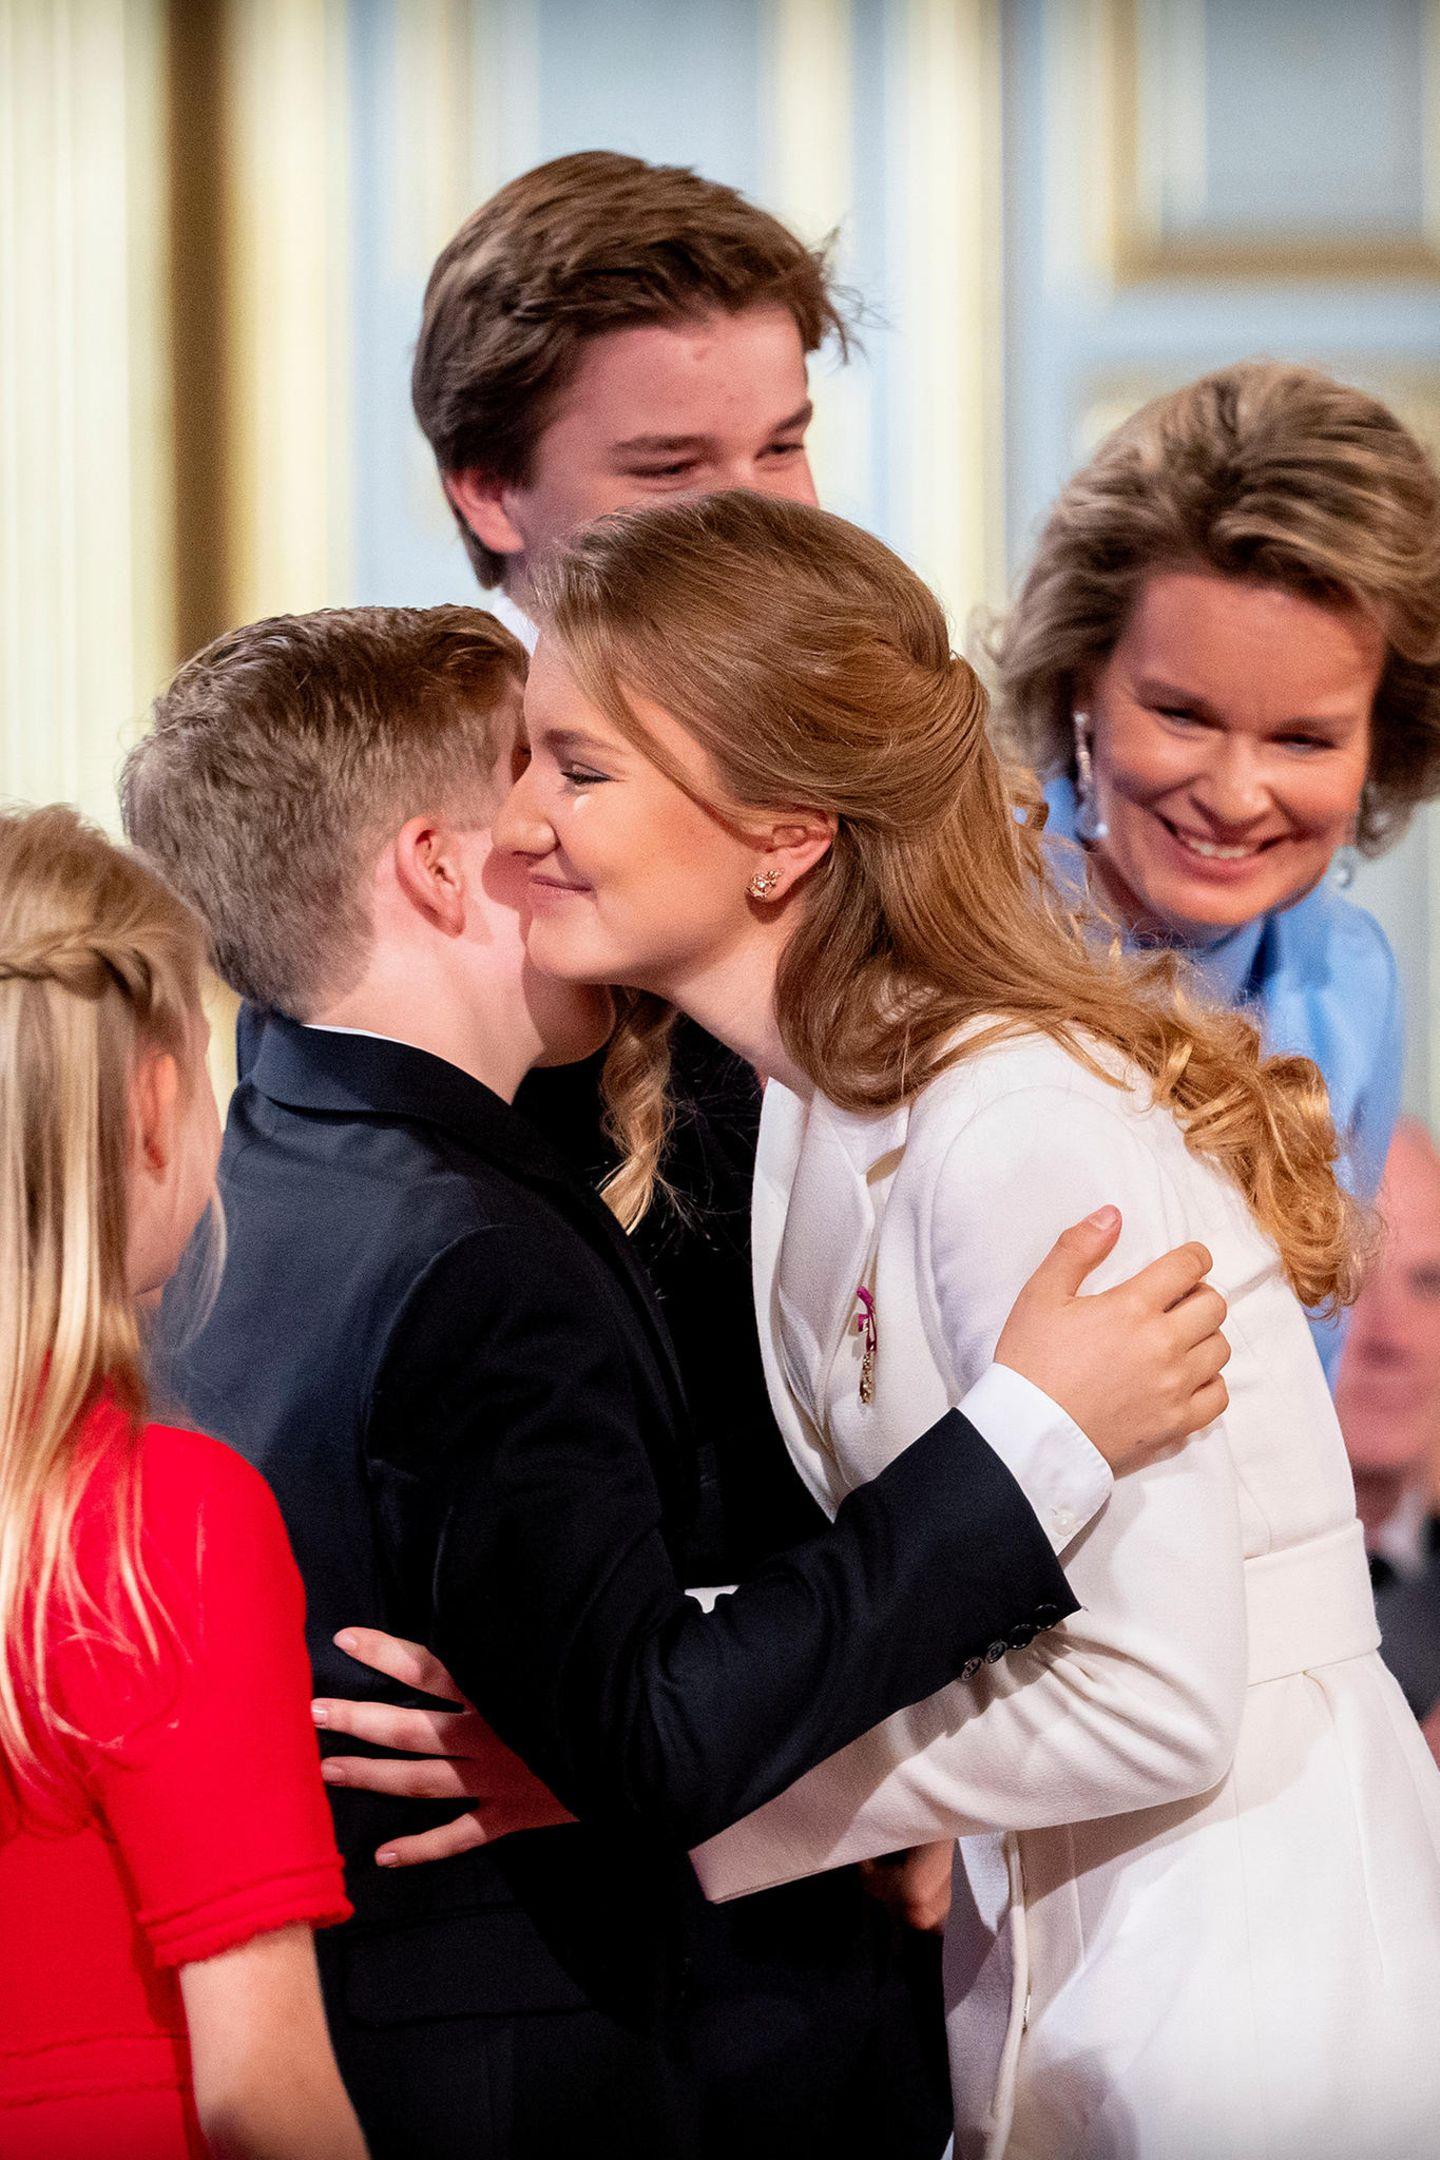 Prinz Gabriel, Prinz Emmanuel und Prinzessin Eléonore gehören natürlich als jüngere Geschwister zu den ersten Gratulanten.